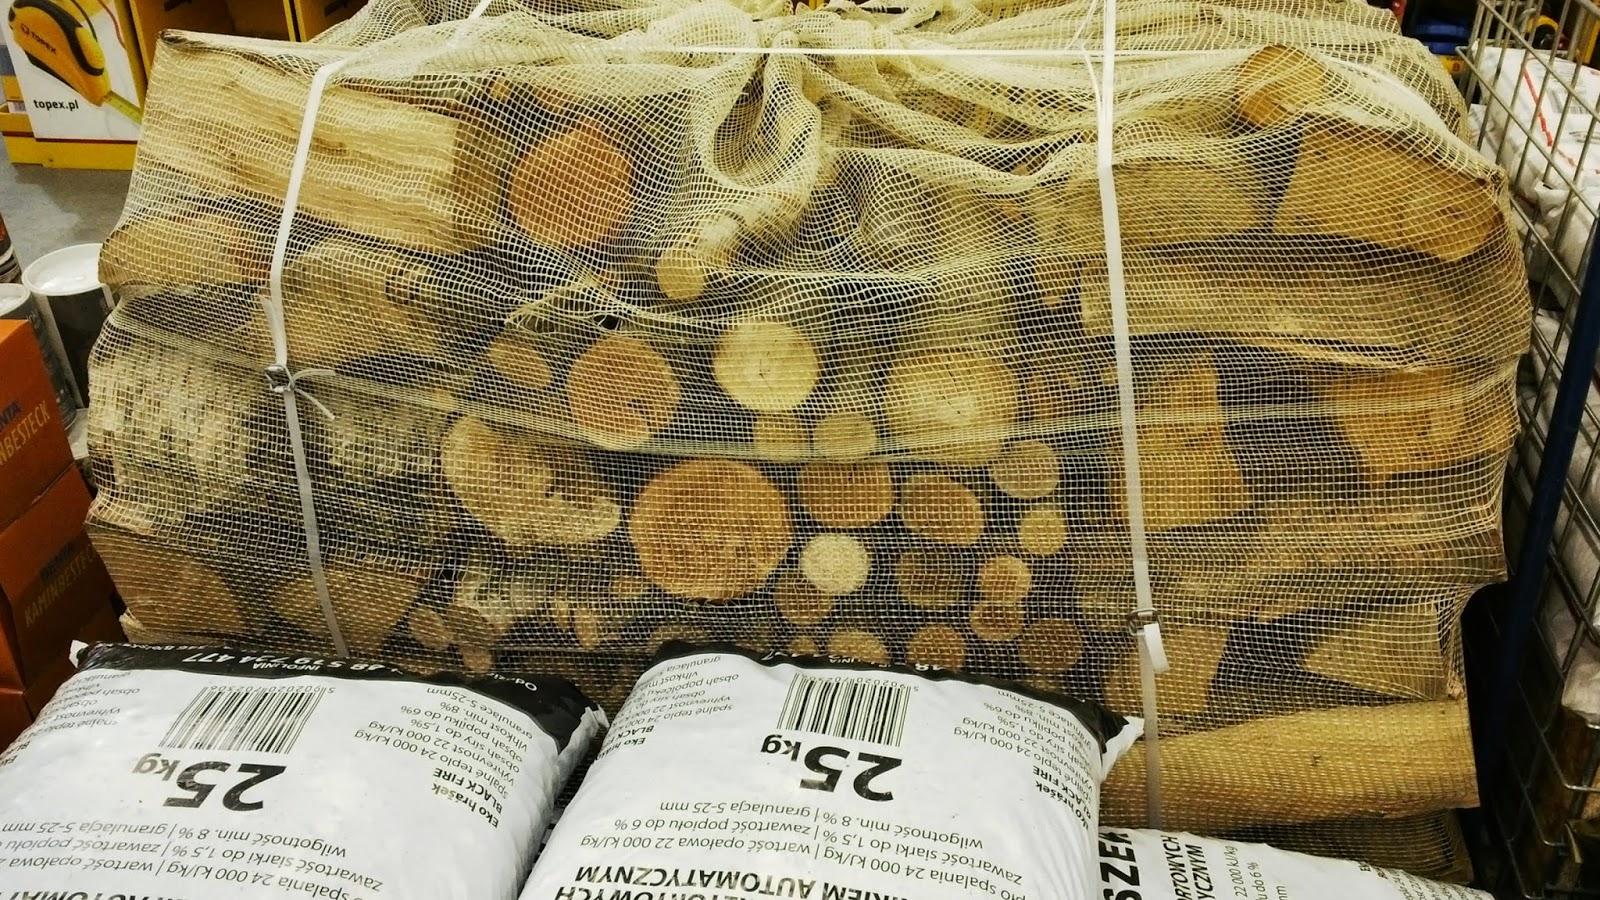 Drewno z Praktikera – Uważaj Co kupujesz